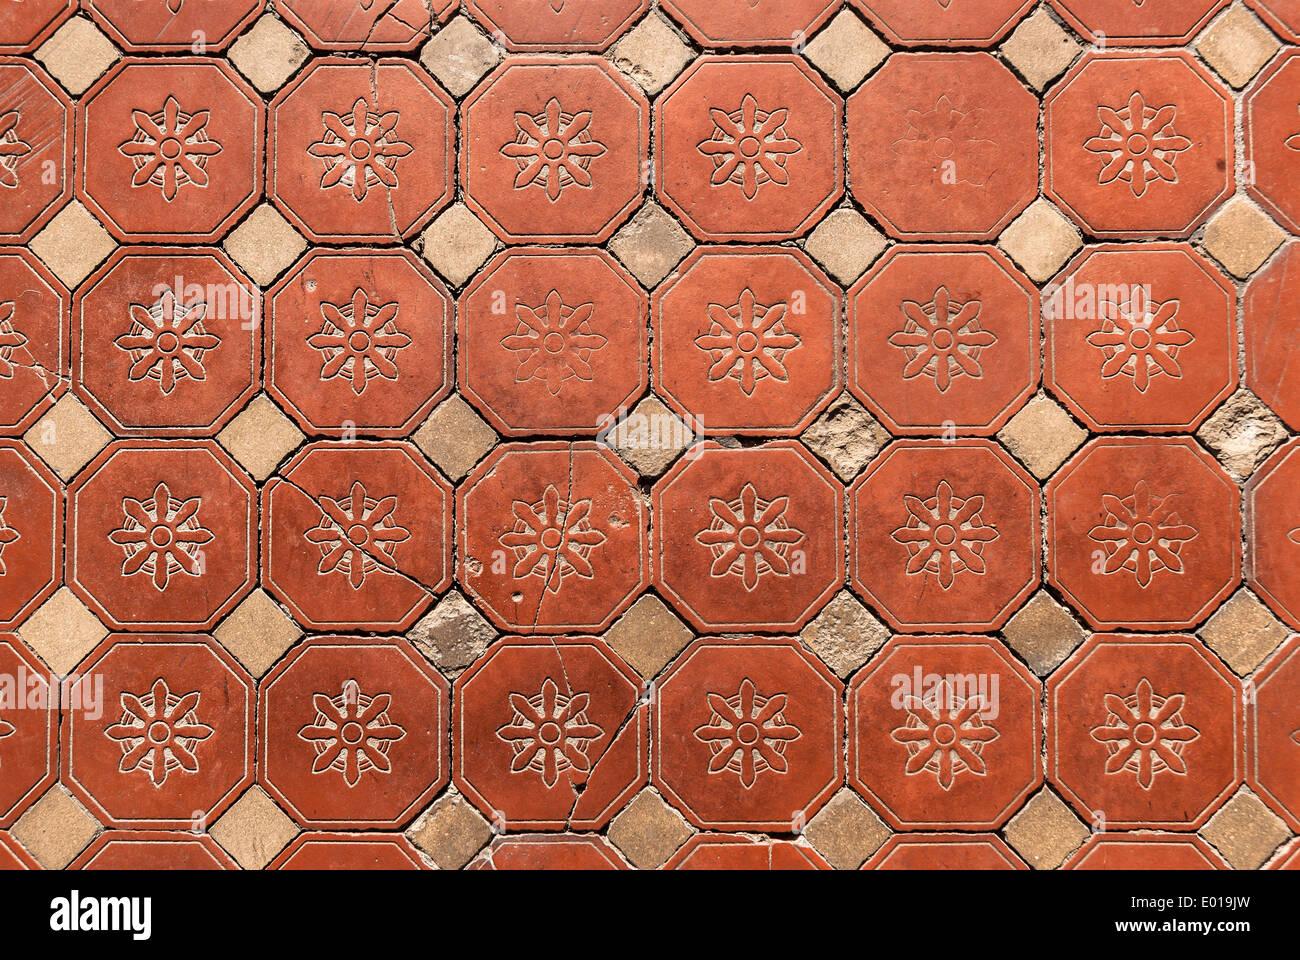 Terracotta Tile Floor Stock Photos Terracotta Tile Floor Stock